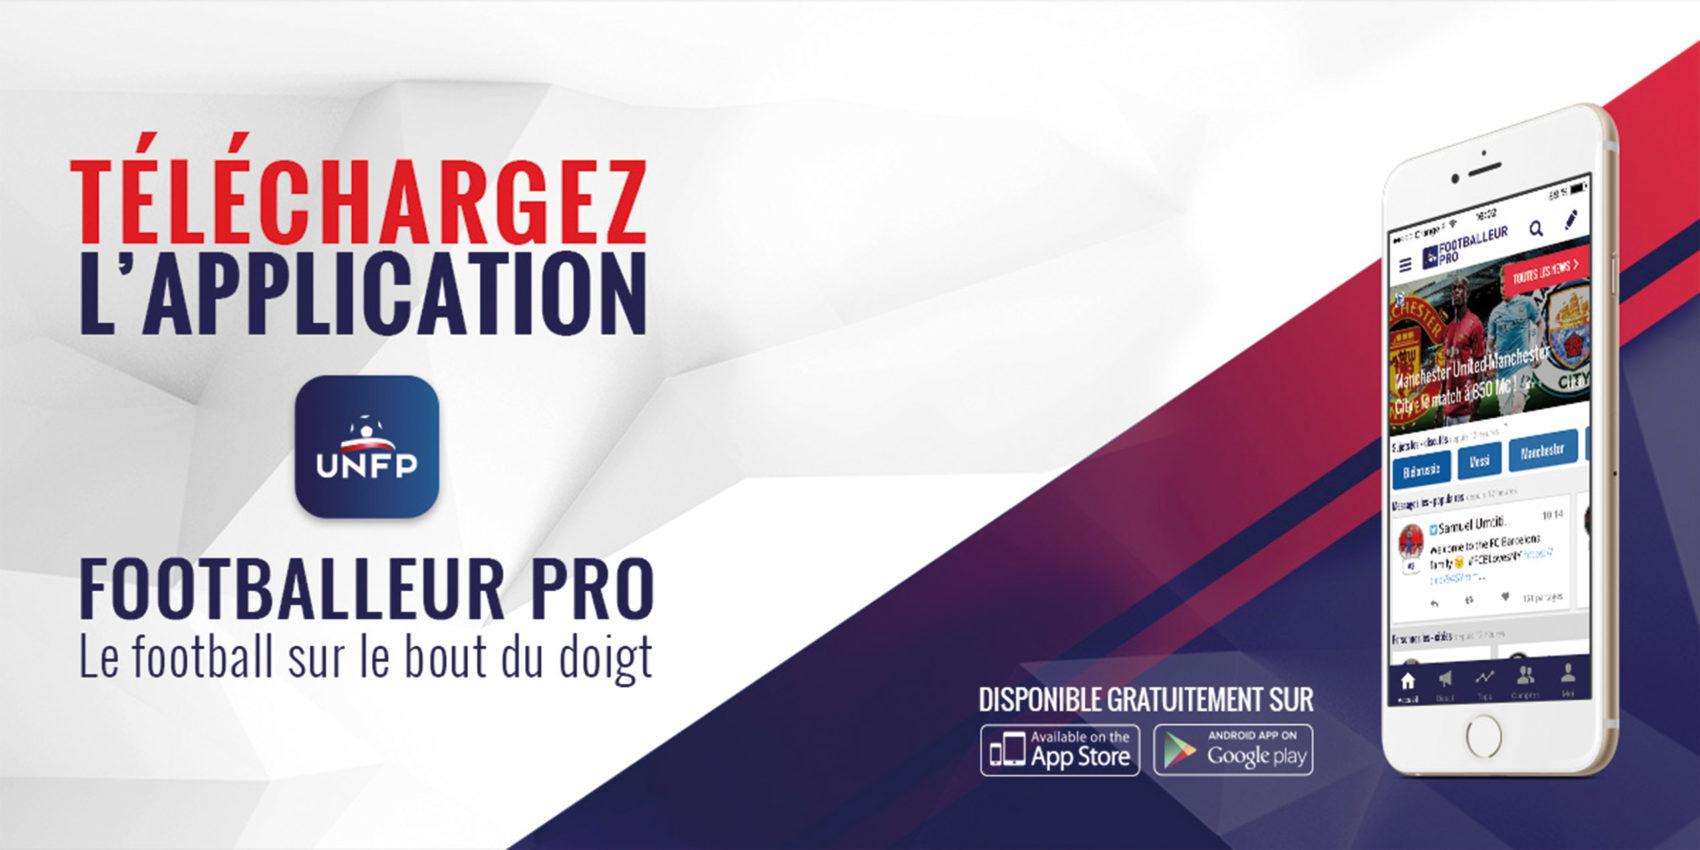 02_UNFP_APPLI_FOOTBALLEUR_PRO_Union_Nationale_des_Footballeurs_Professionnels